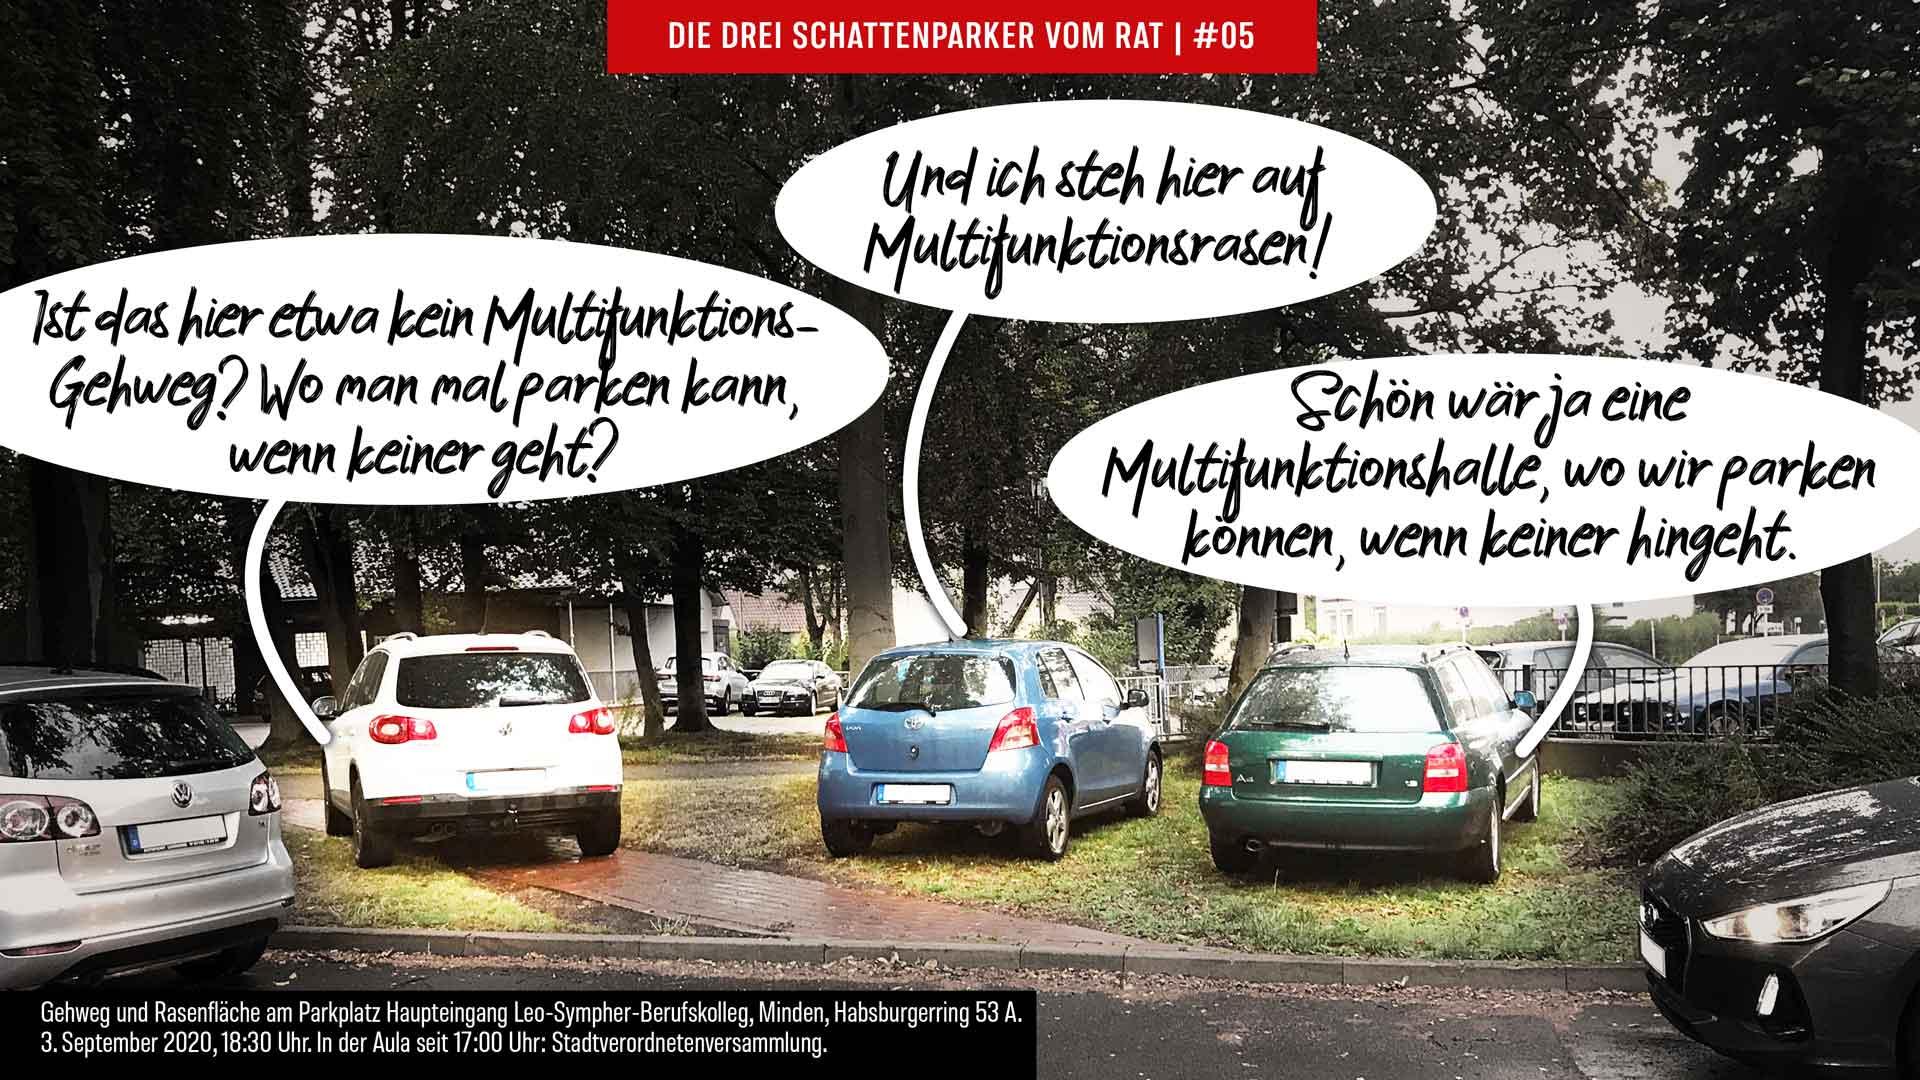 Die Drei Schattenparker vom Rat: Multifunktionshalle